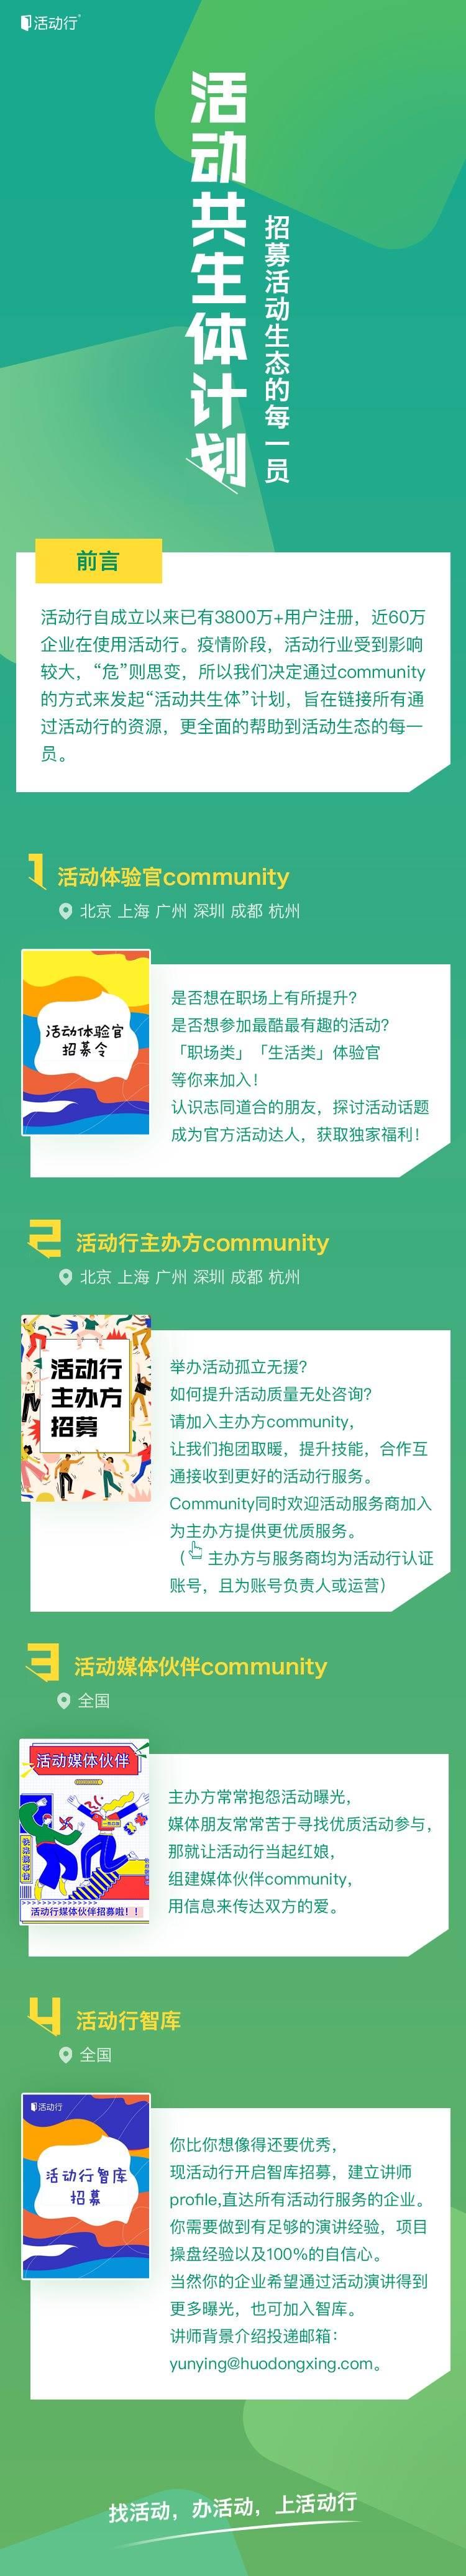 活动共生体计划2.png